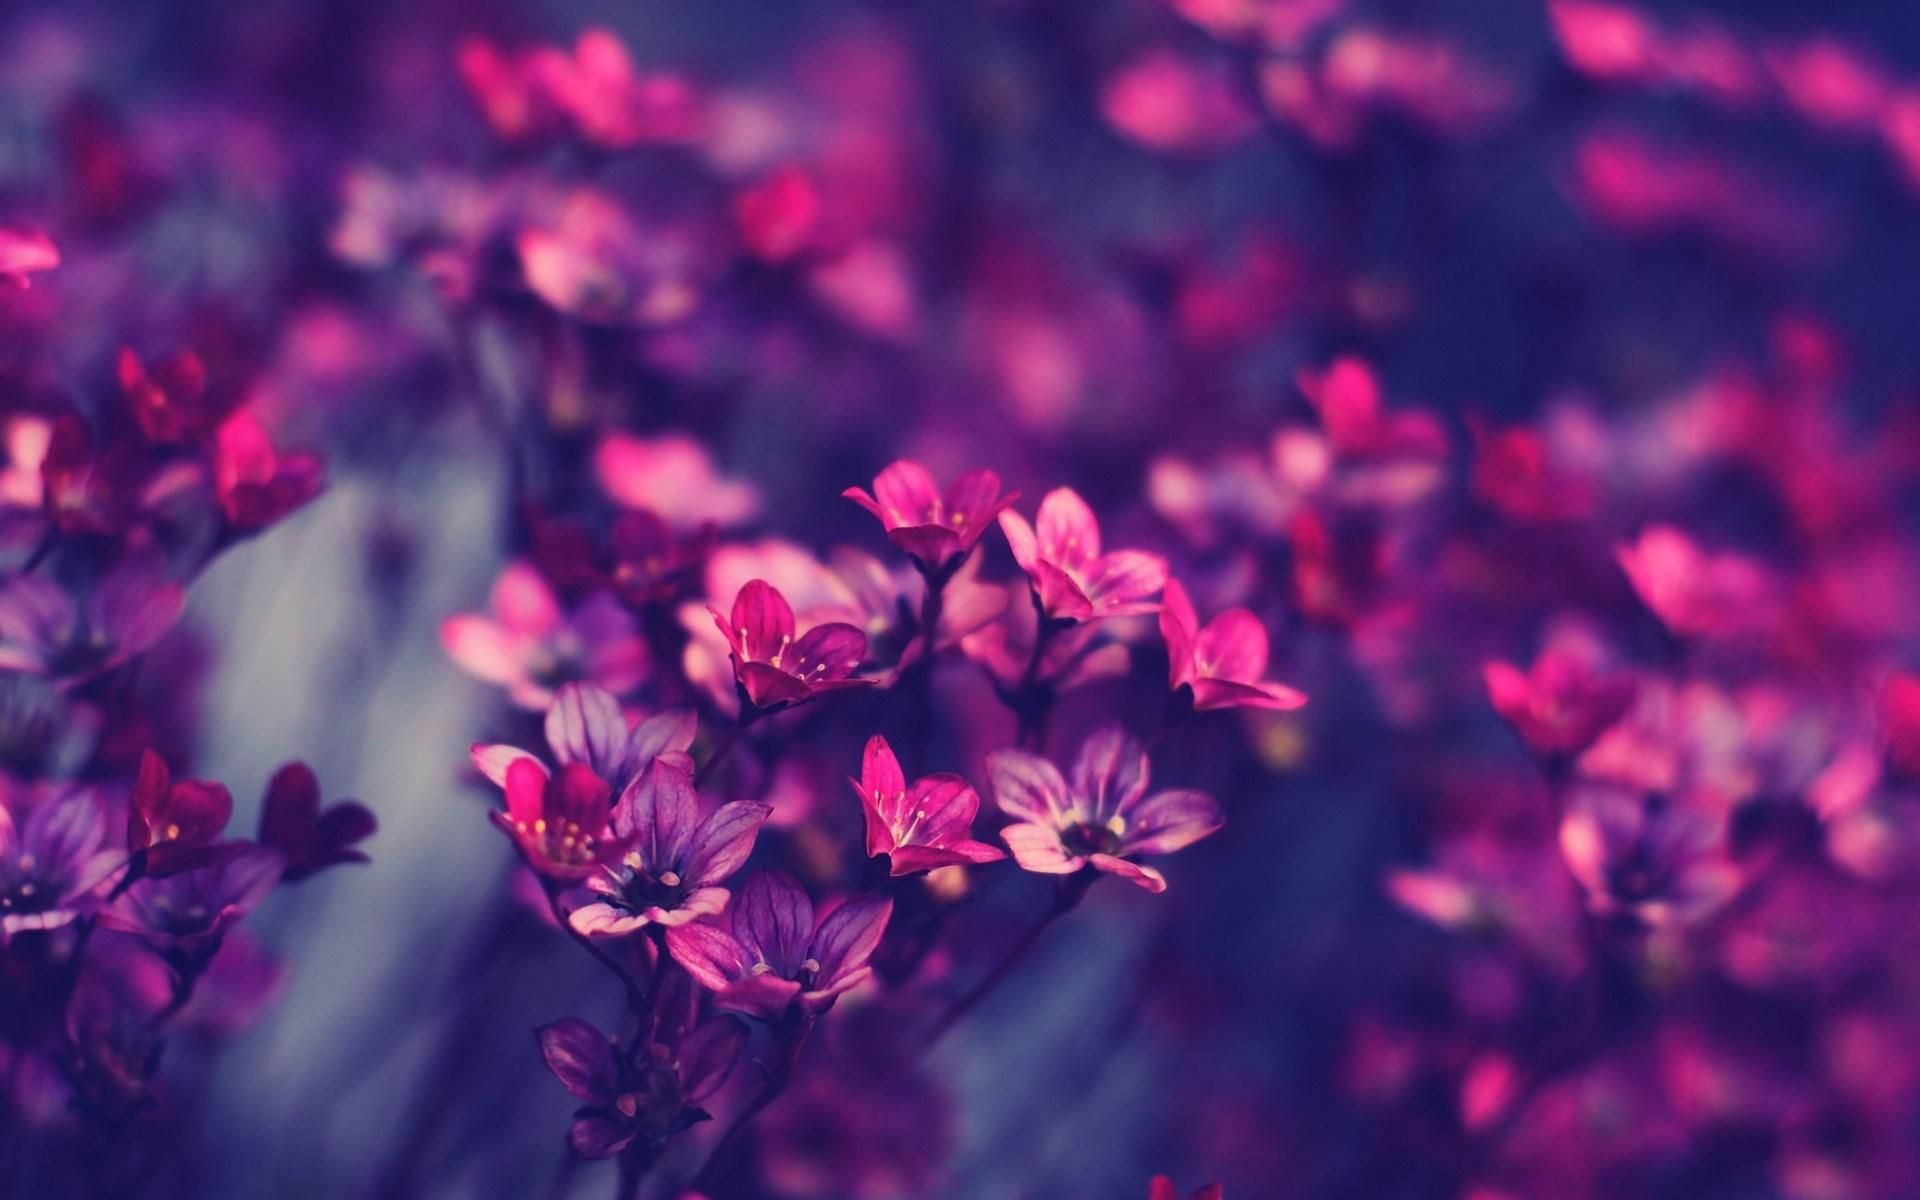 flowers nature macro